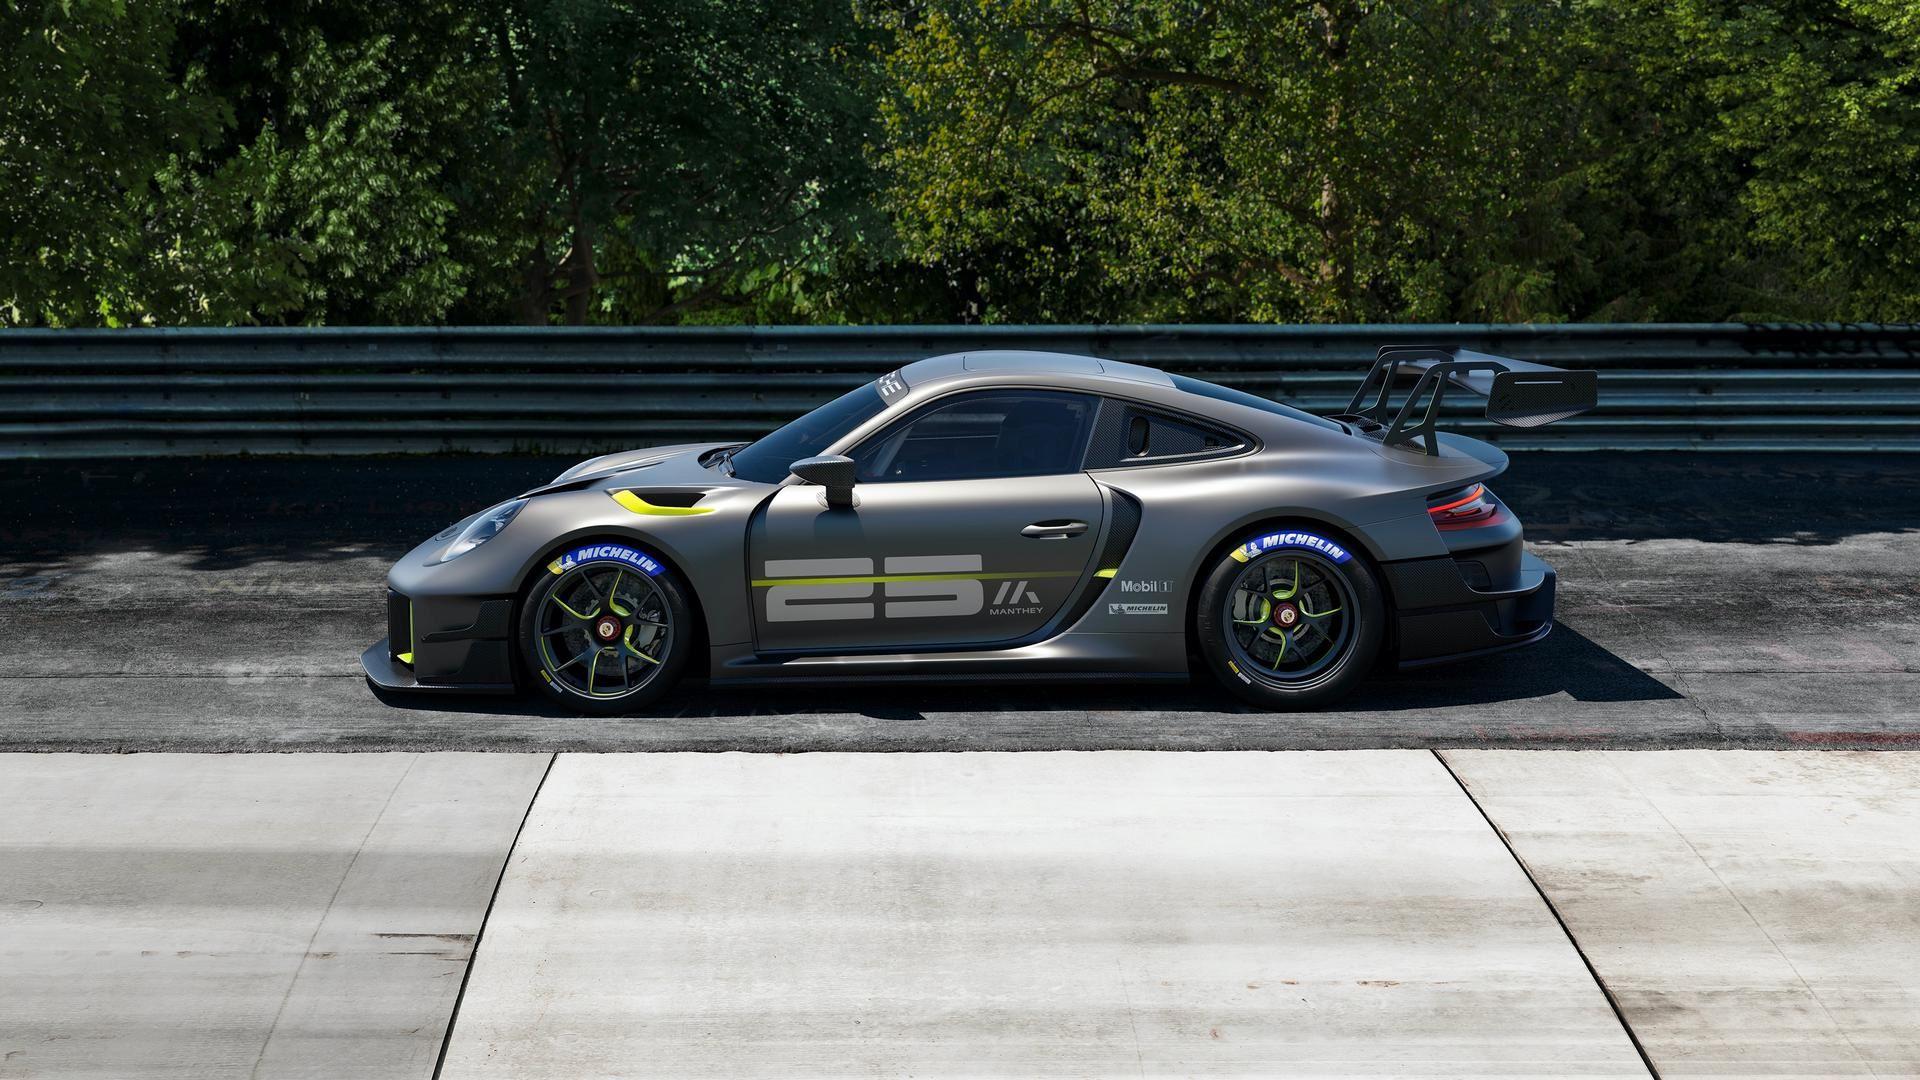 Porsche-911-GT2-RS-Clubsport-25-6